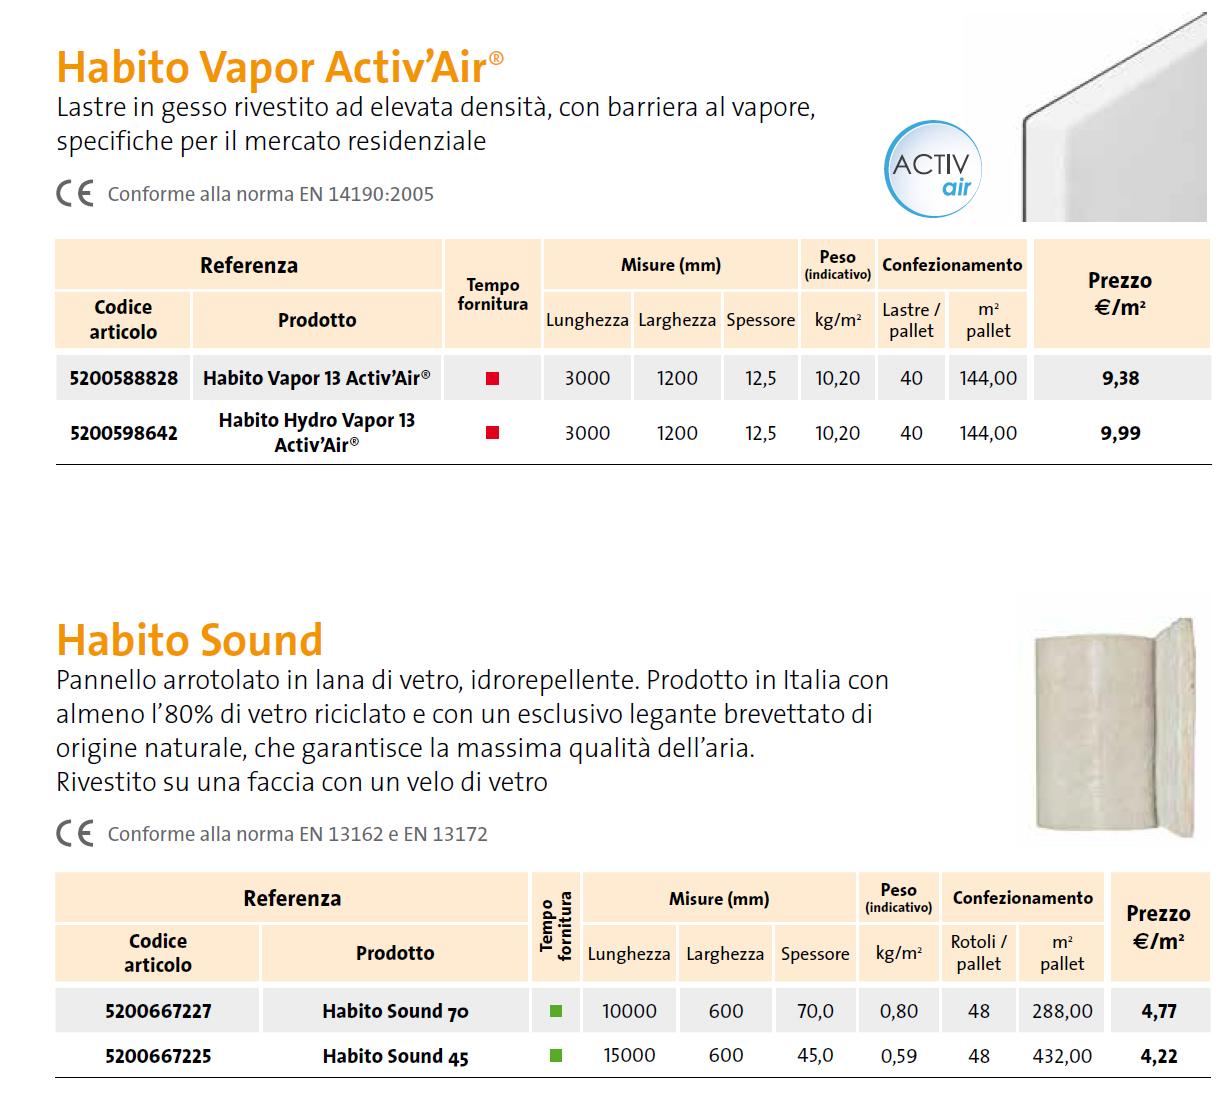 Lastre Habito Vapor activ'air per l'edilizia residenziale